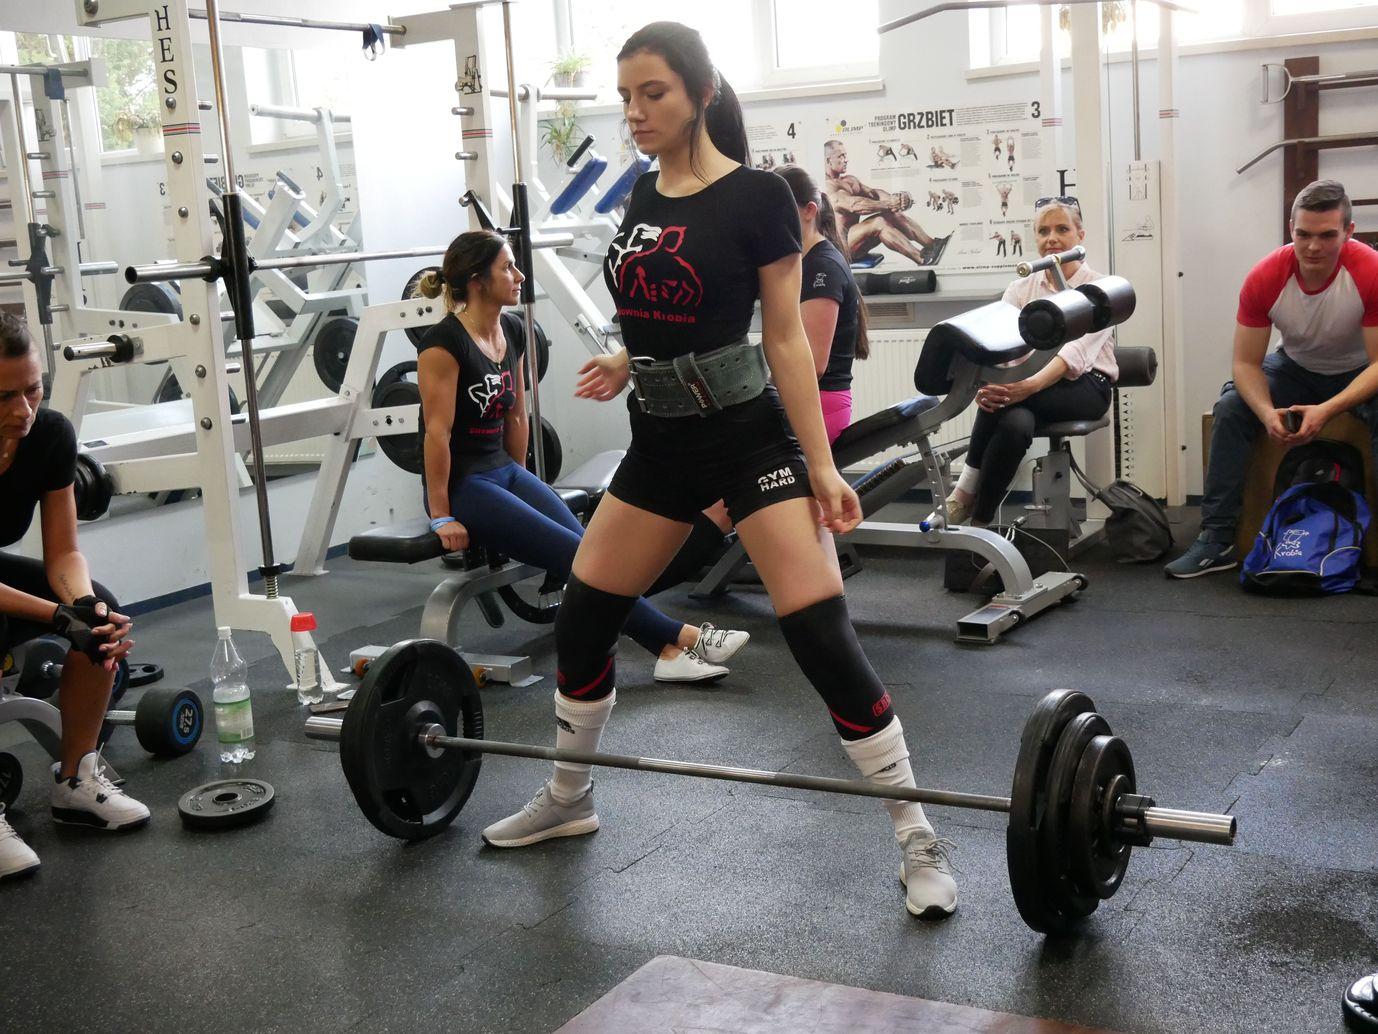 Zawody Martwy Ciąg Pleszew Fitness Klub Active Fit ul. Traugutta 30 siłownia trening personalny 18